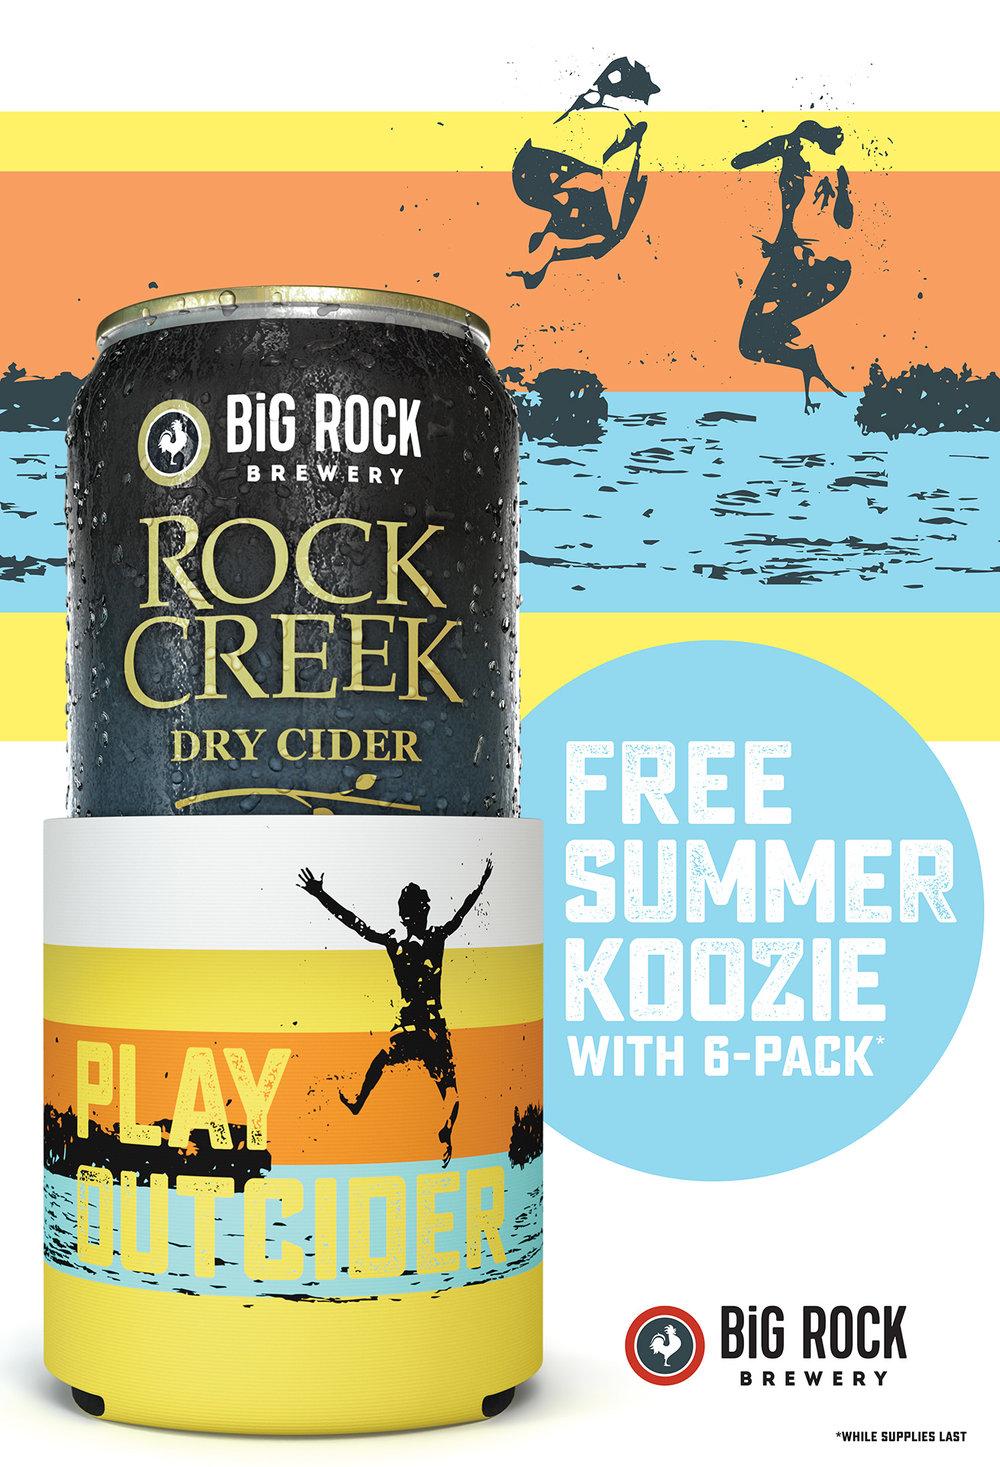 BRB-0010-17-Cider-Koozie-Case-Backer-May3-FINAL.jpg